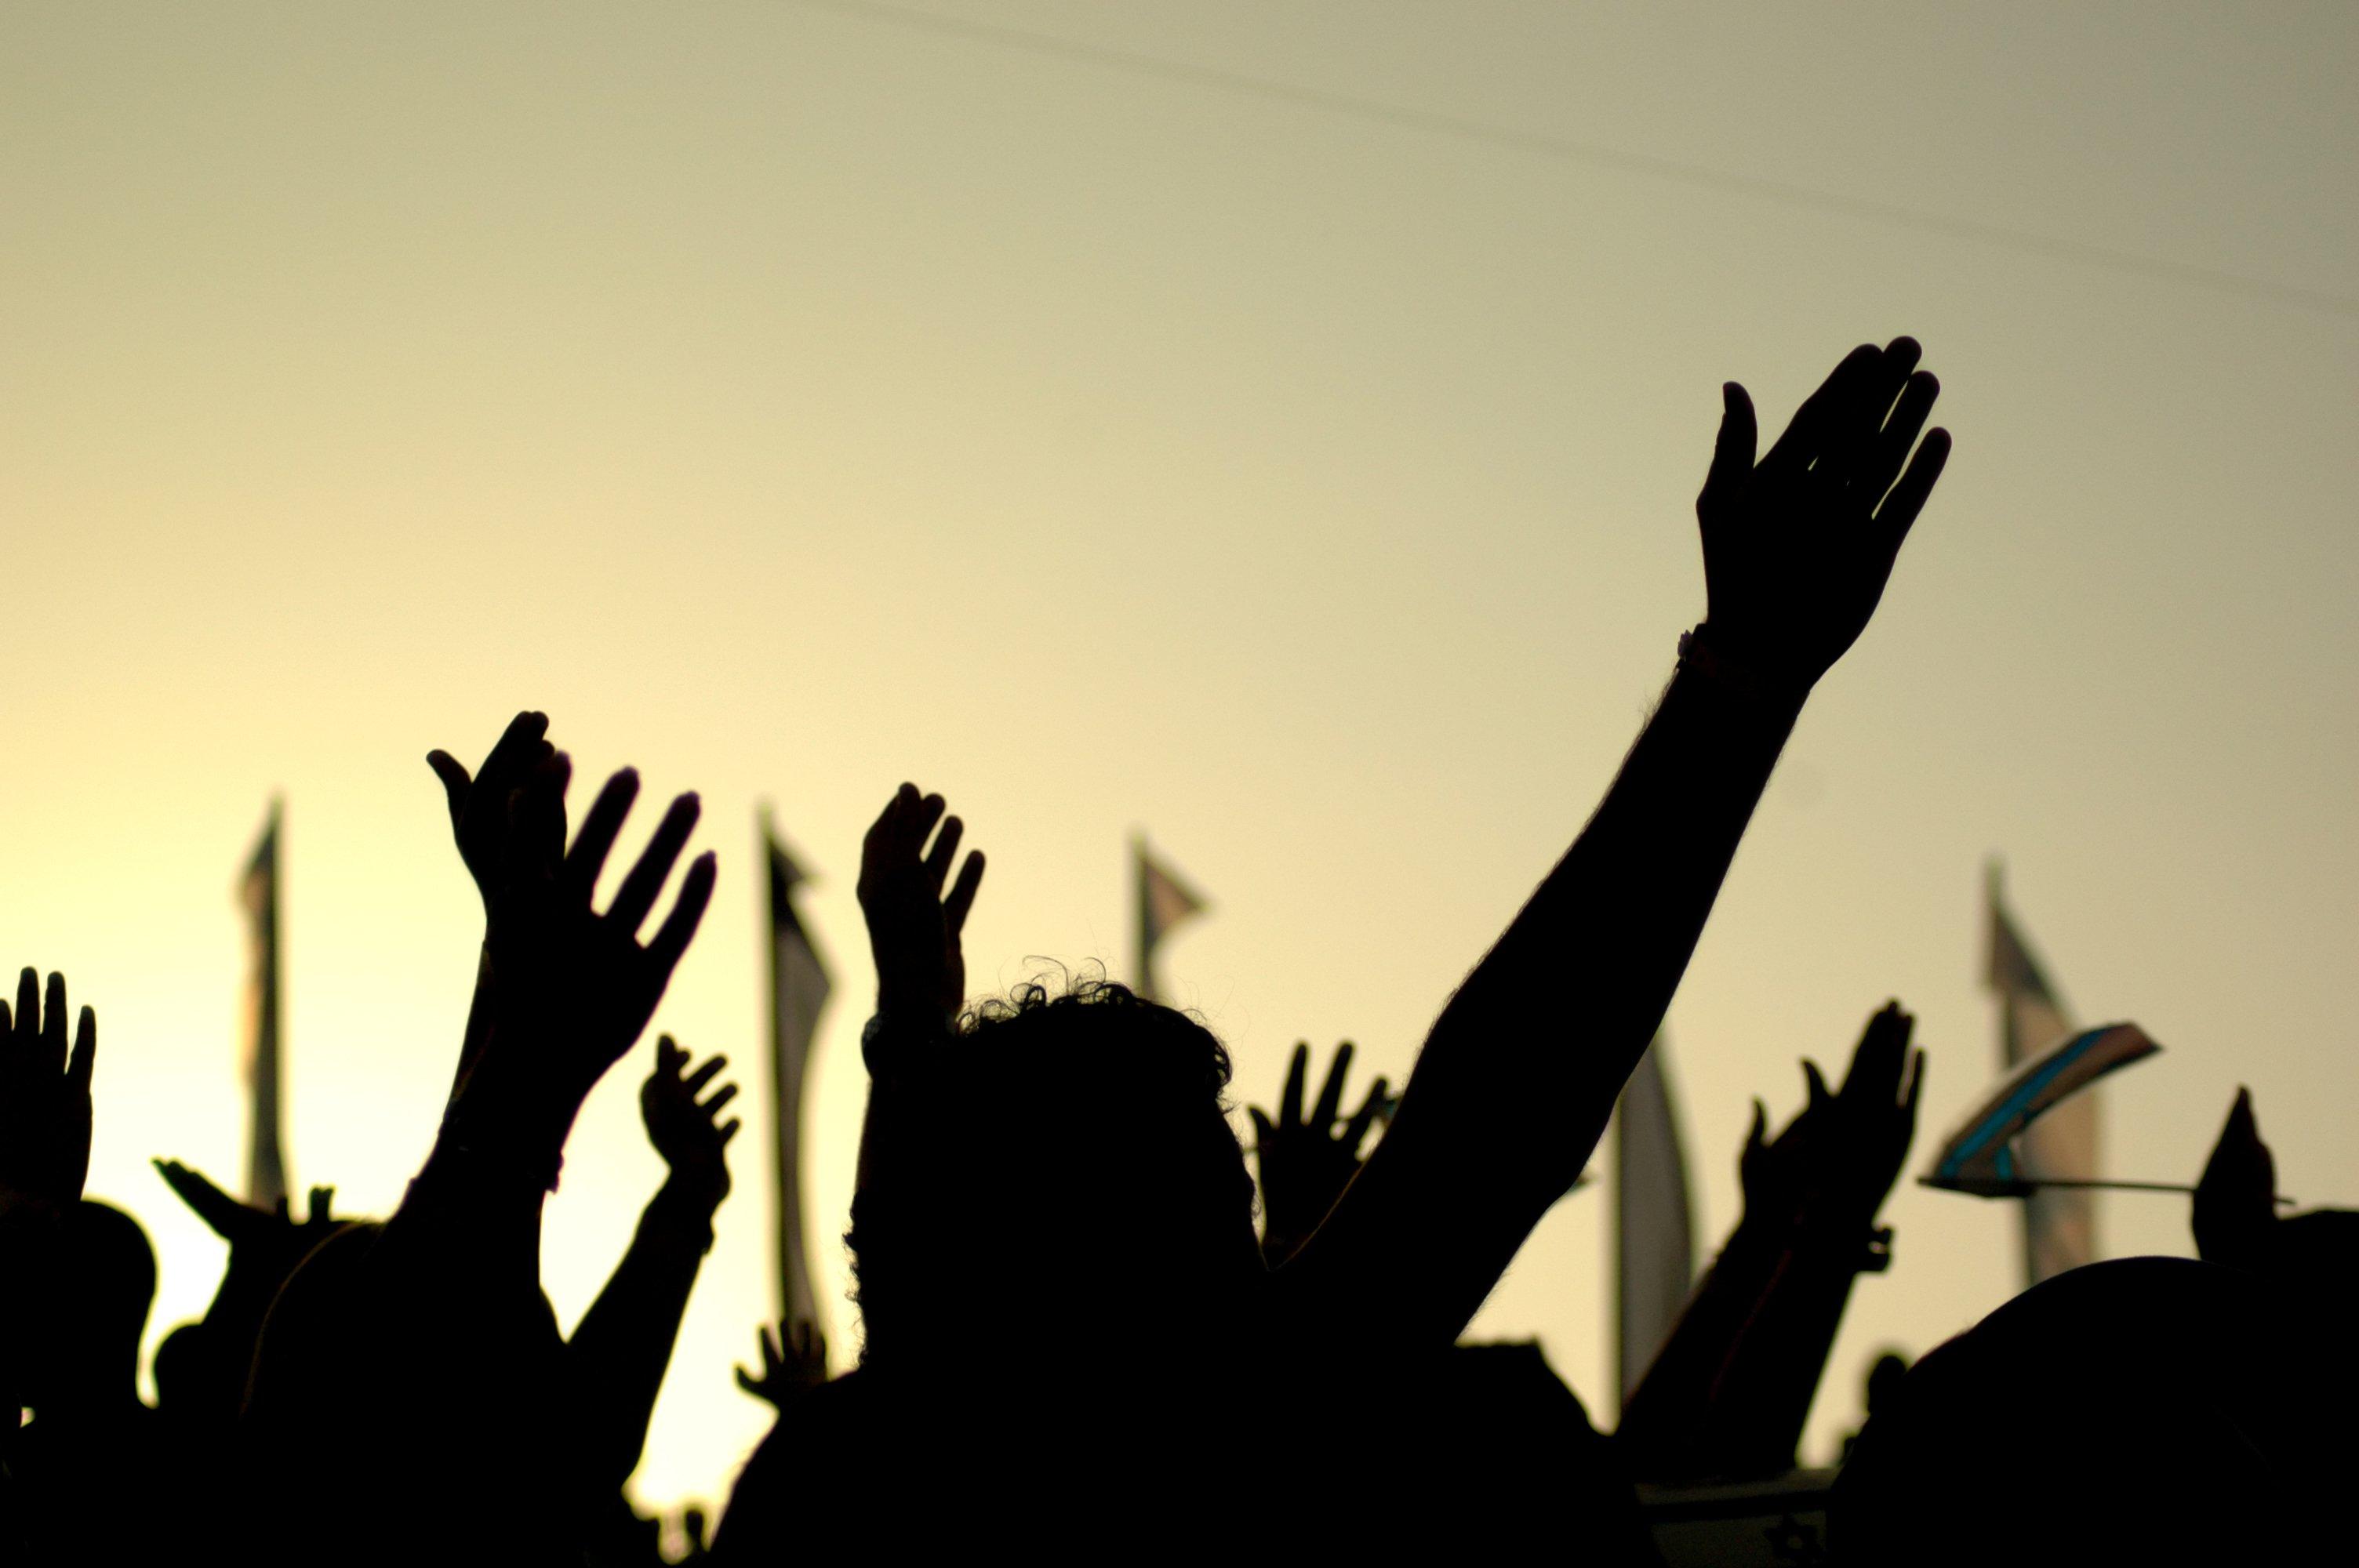 hindus rally against jodhpur killings